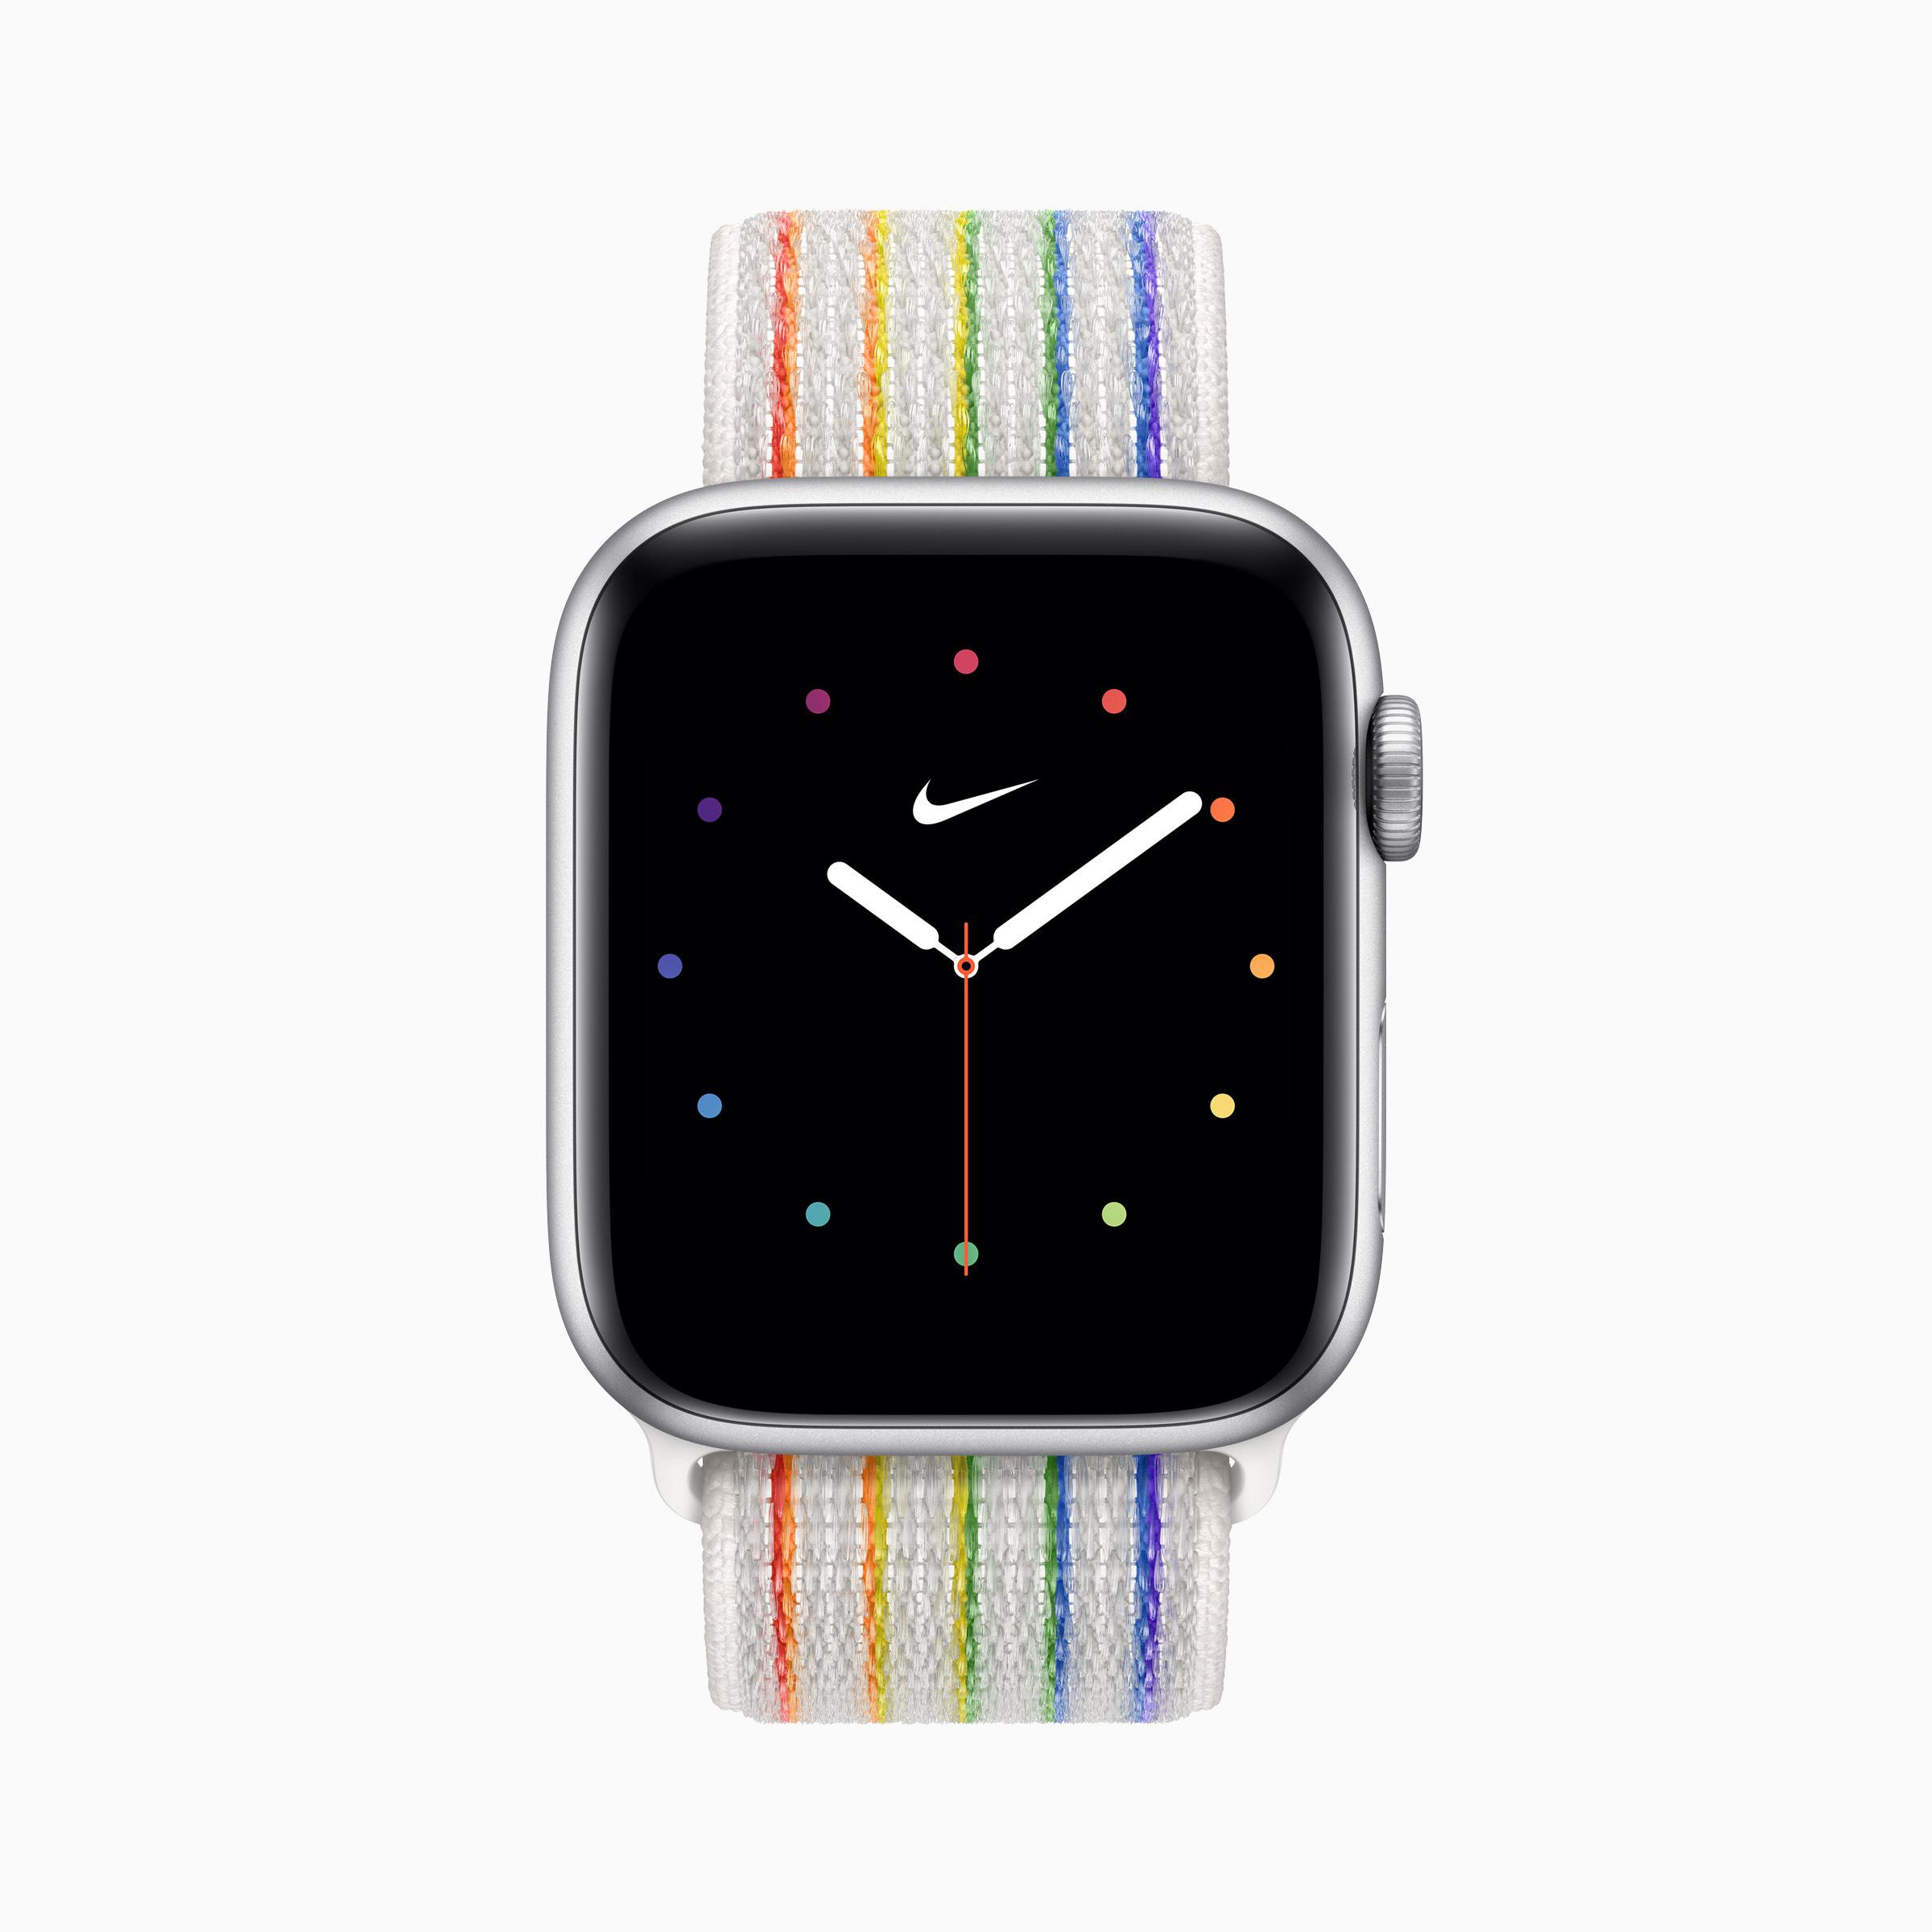 Apple 彩虹版 Nike 運動型錶環